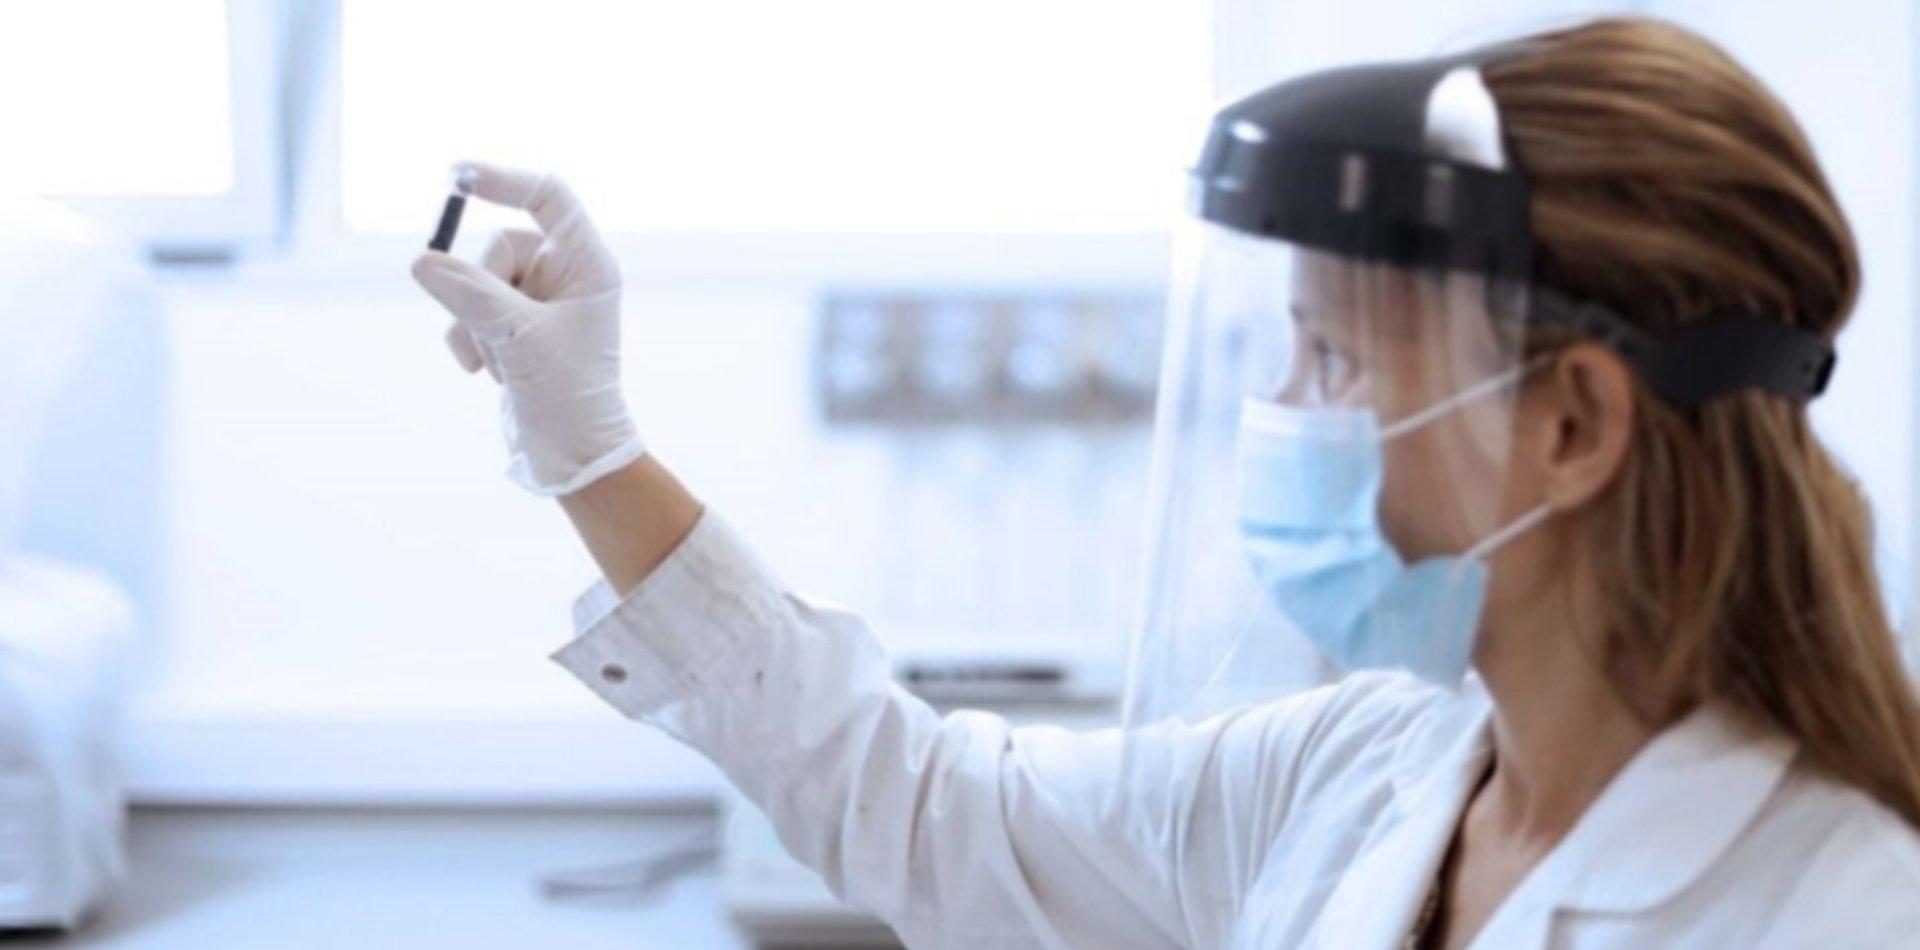 Premiaron a la UNLP por el kit de extracción de ARN para el diagnóstico del coronavirus